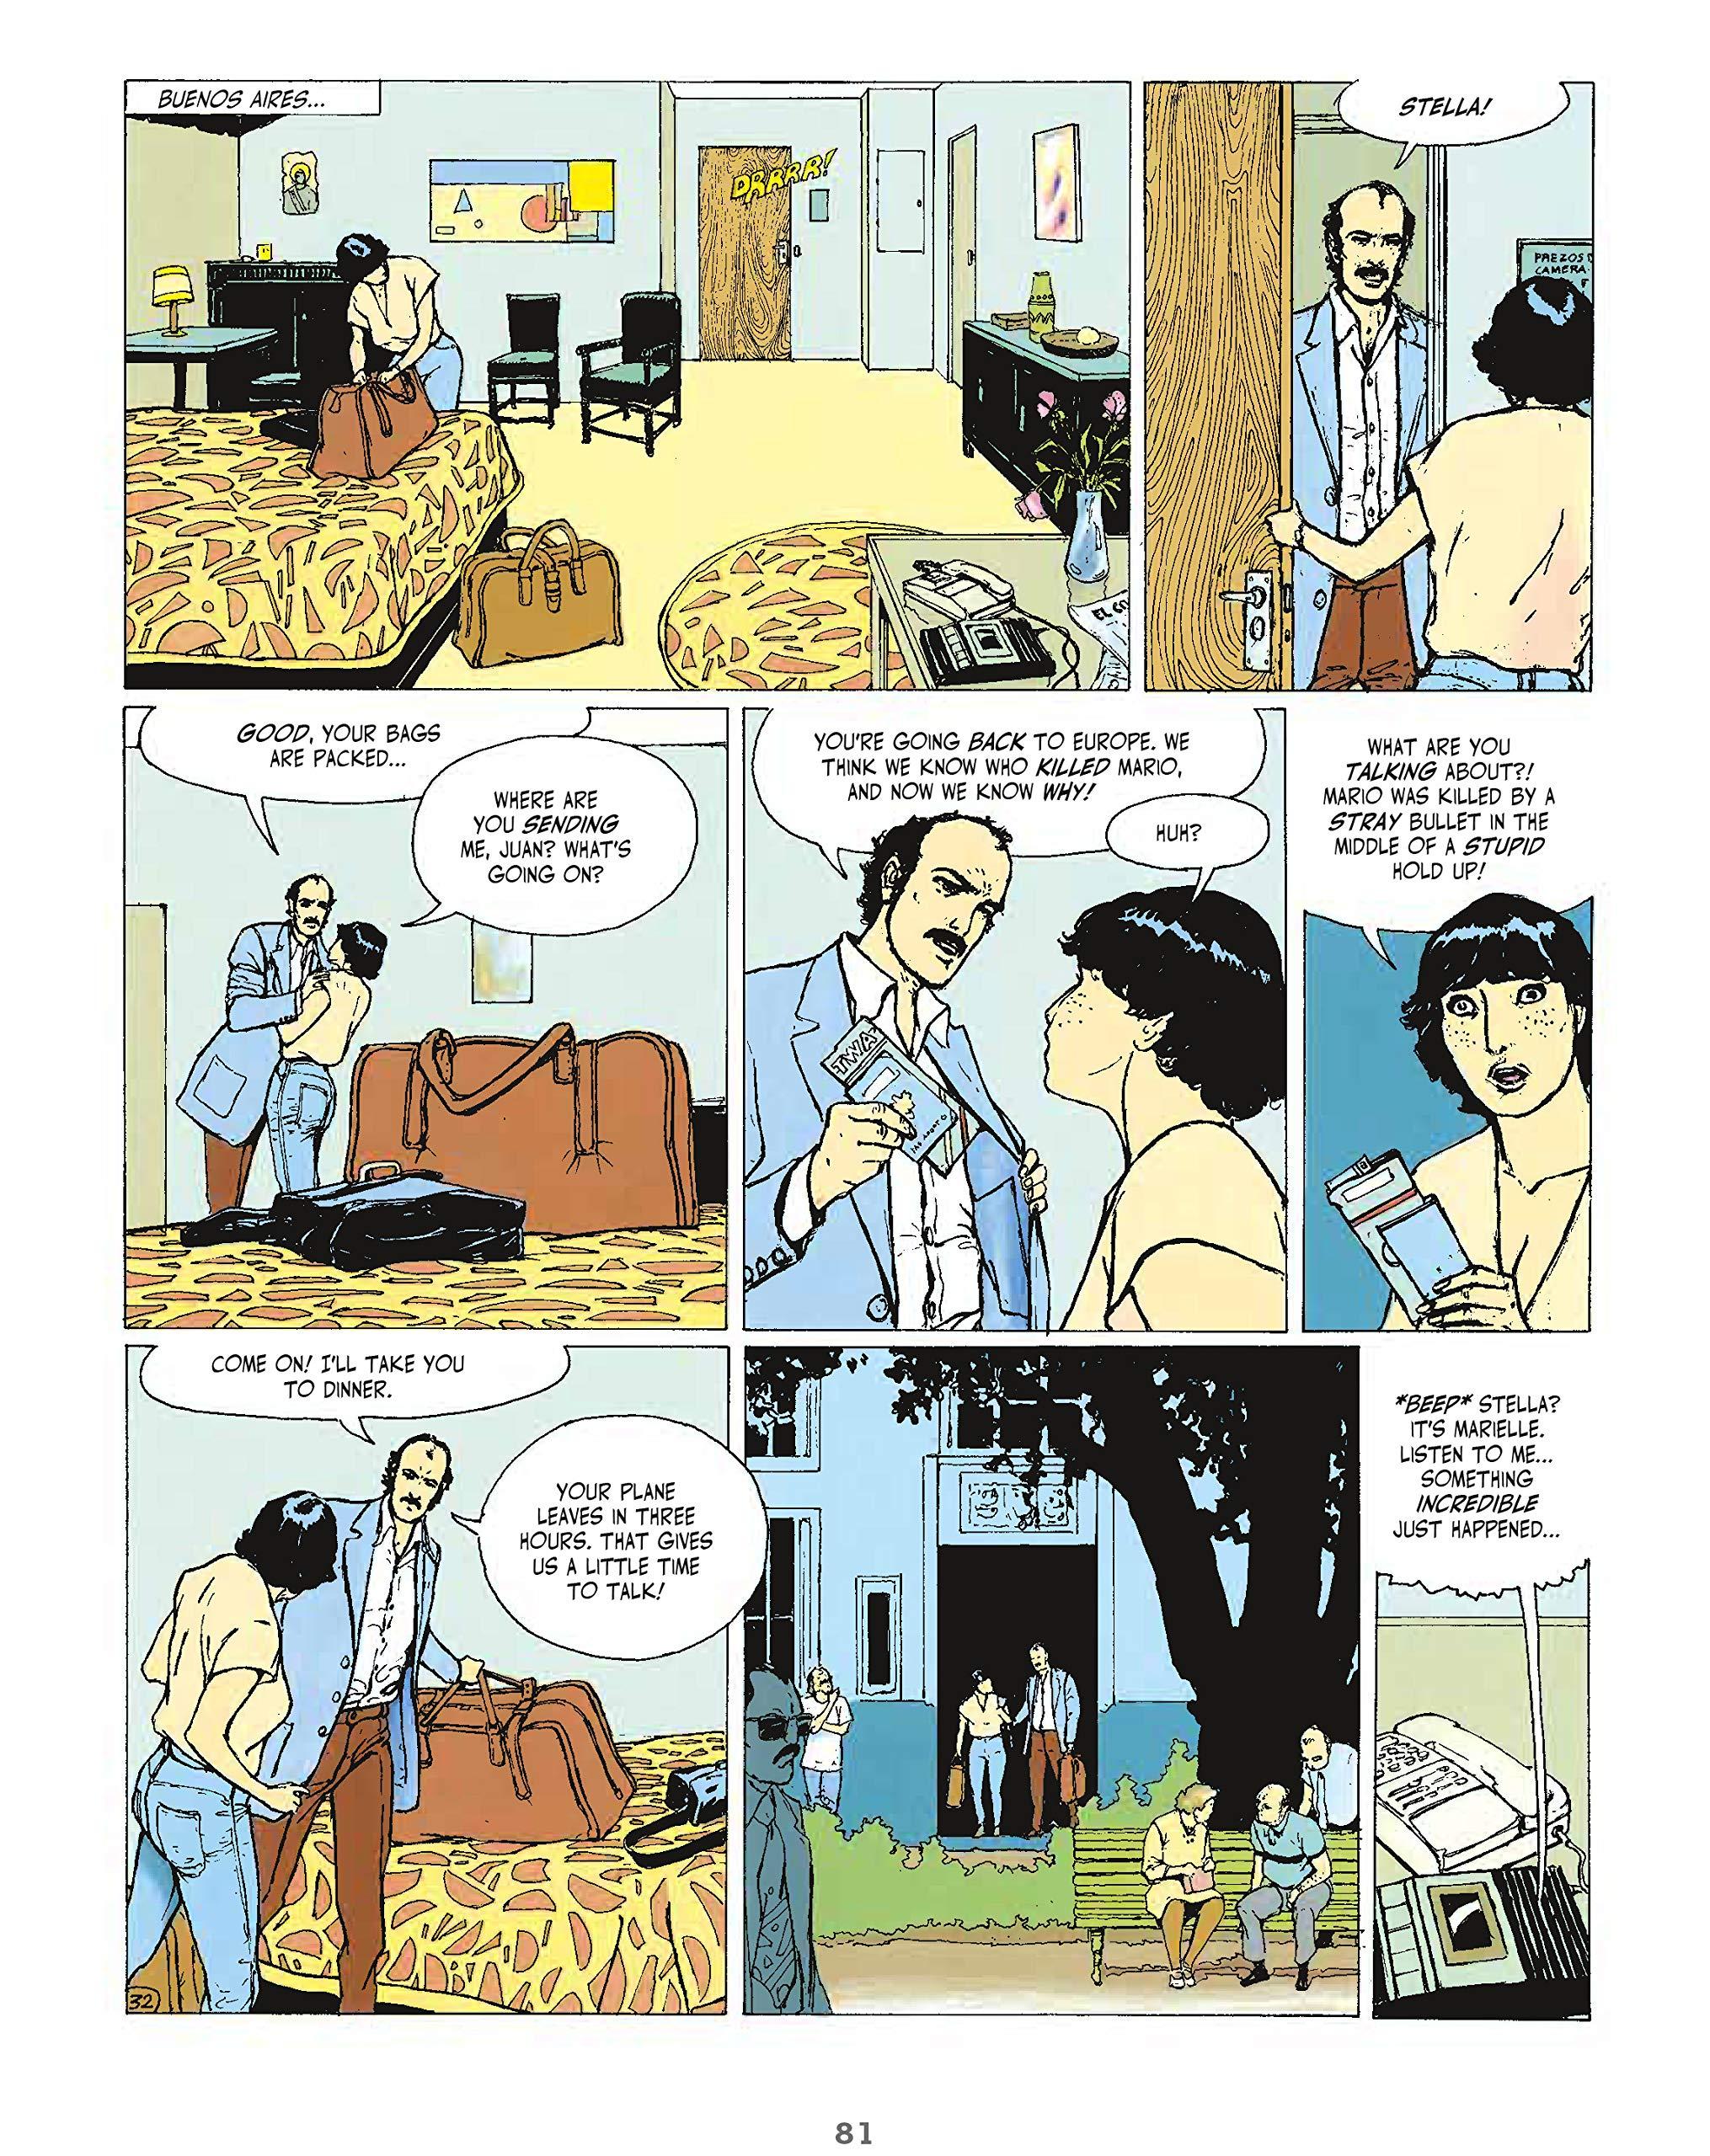 An Intense Feminist Crime Comics Dark Rage By Thierry Smolderen 11